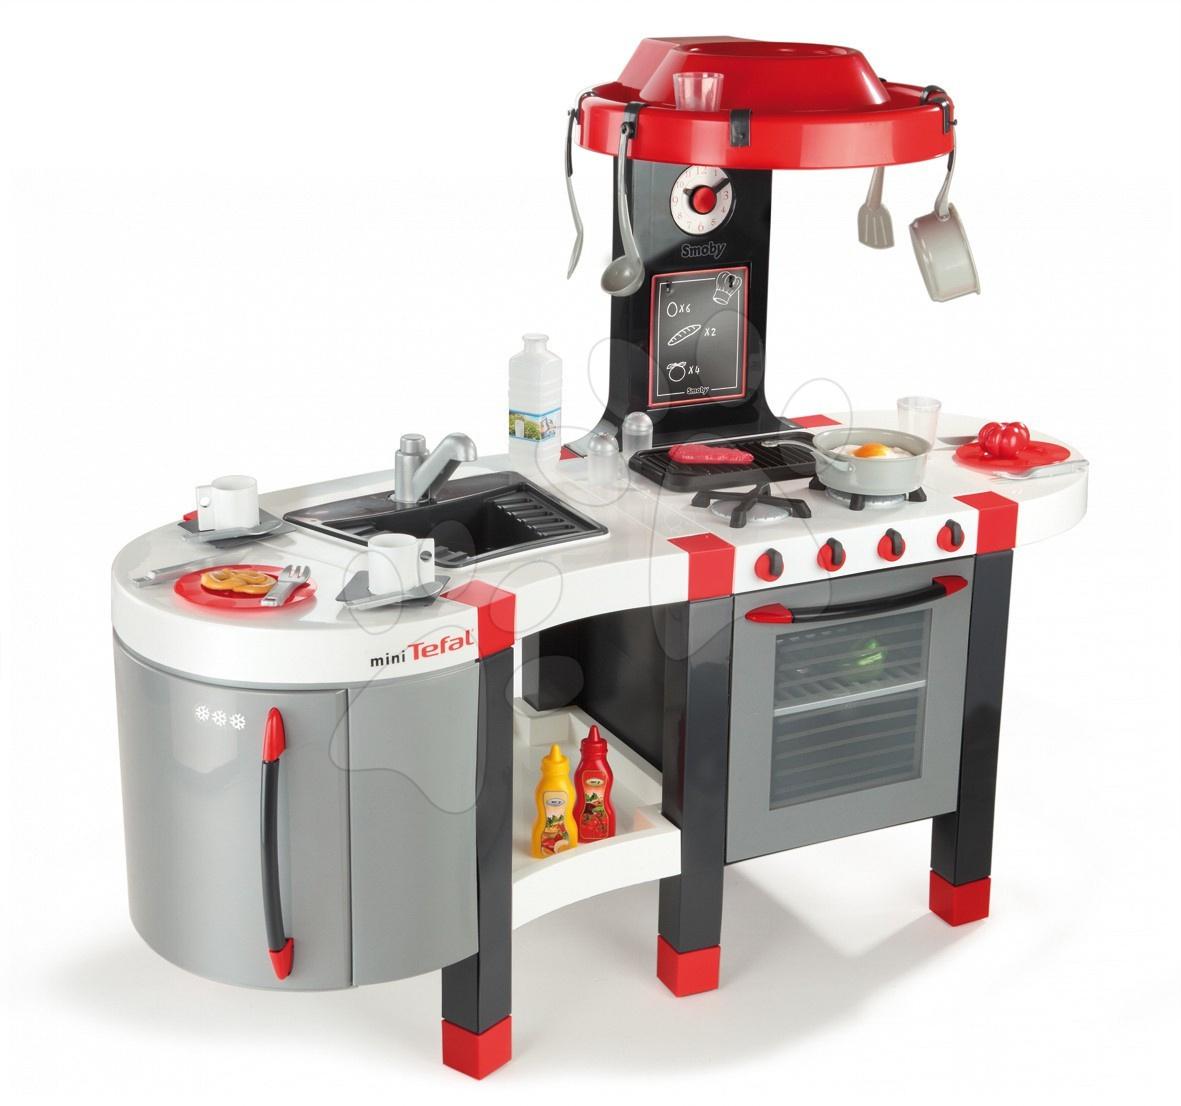 Staré položky - Kuchyňka French Touch TEFAL Excellence Smoby červeno-bílá elektrická s džusem